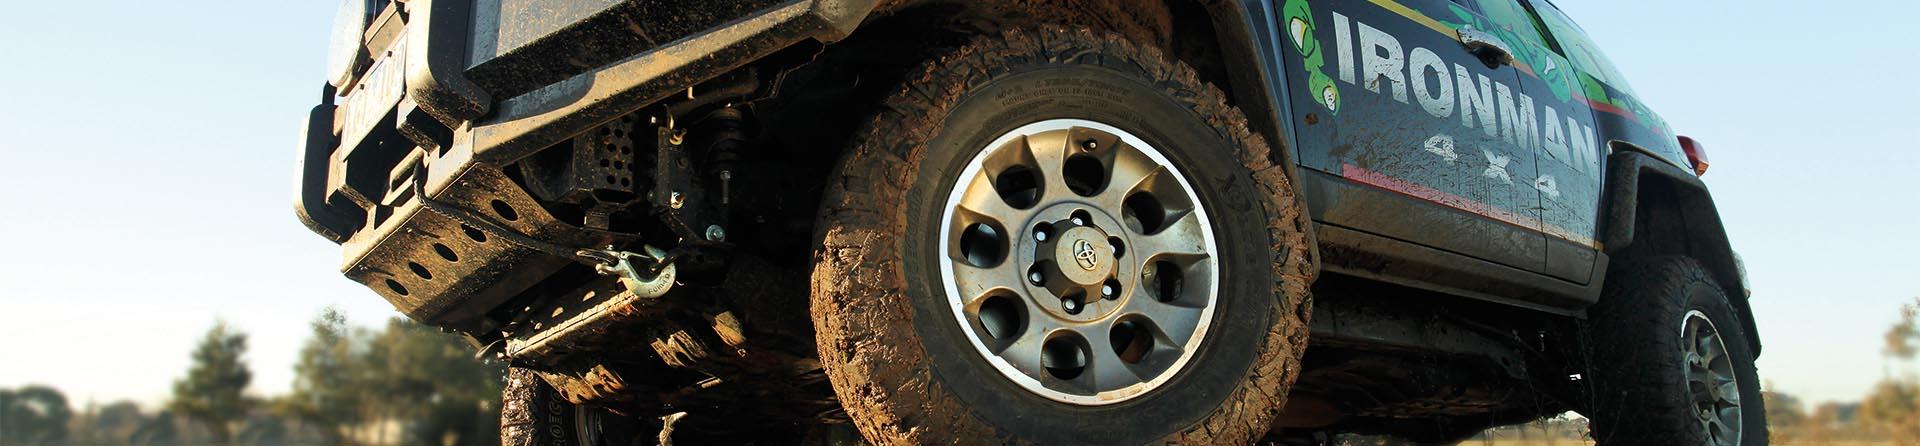 Ironman4x4-PB-Wheel